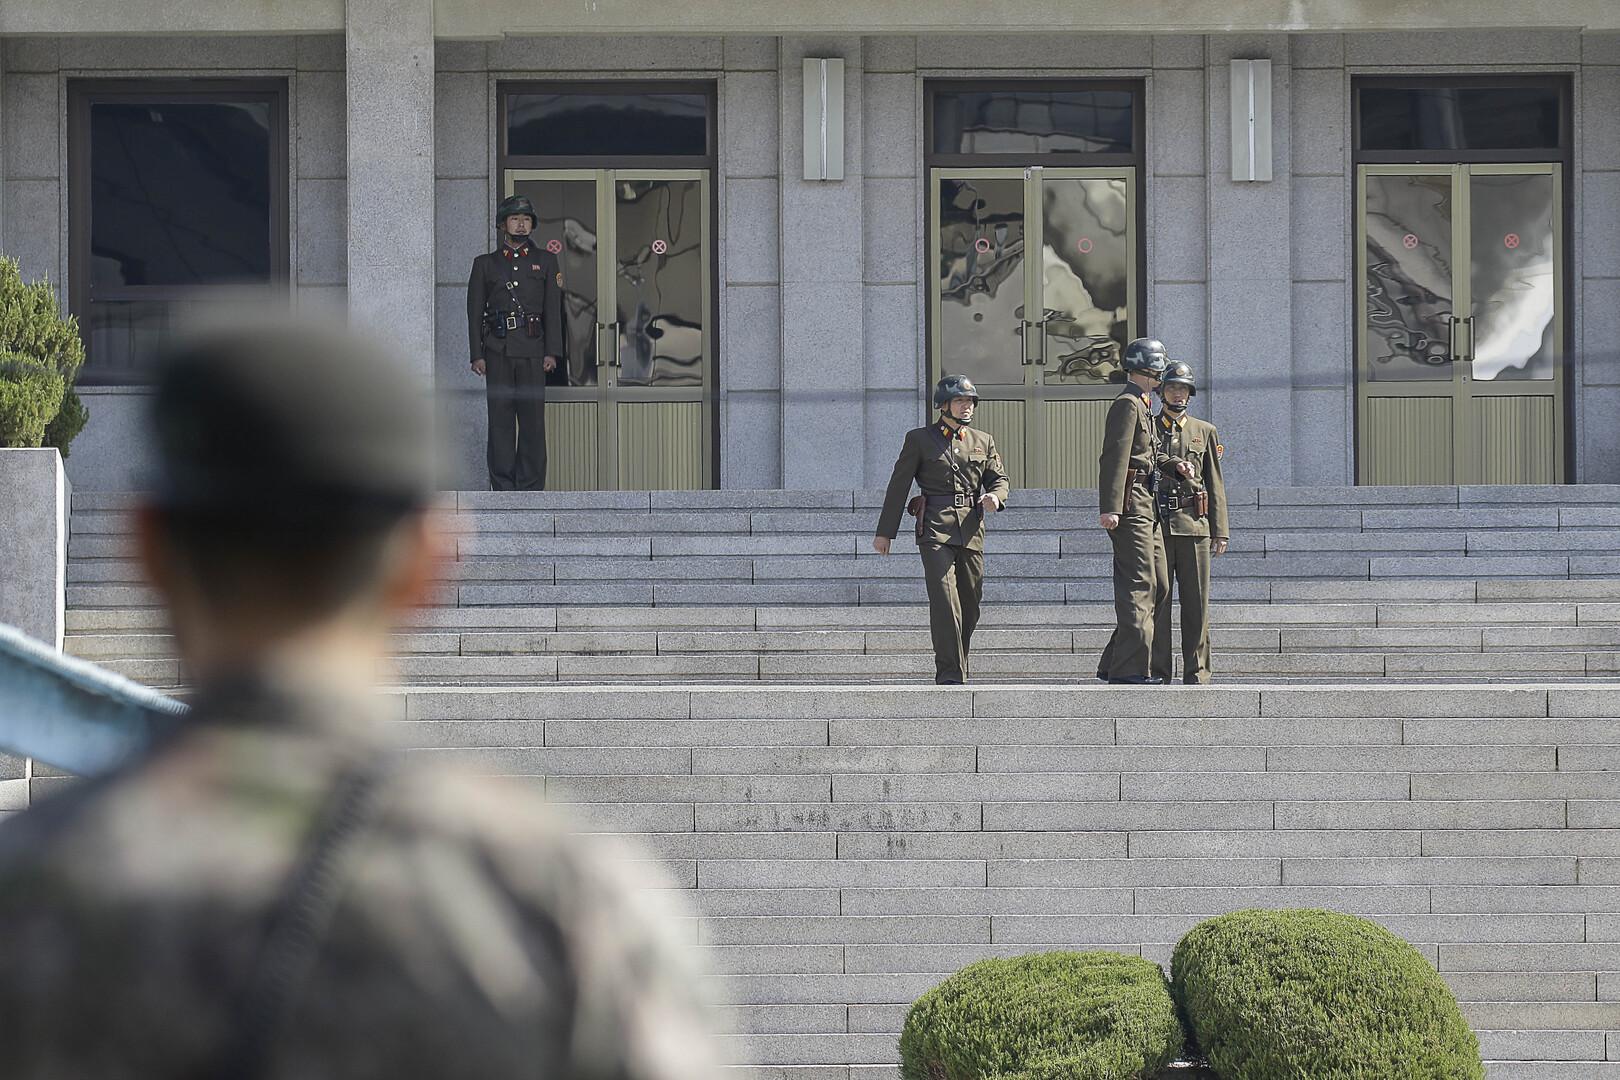 احتجاز امرأة منشقة من كوريا الشمالية حاولت عبور الحدود للعودة إلى وطنها